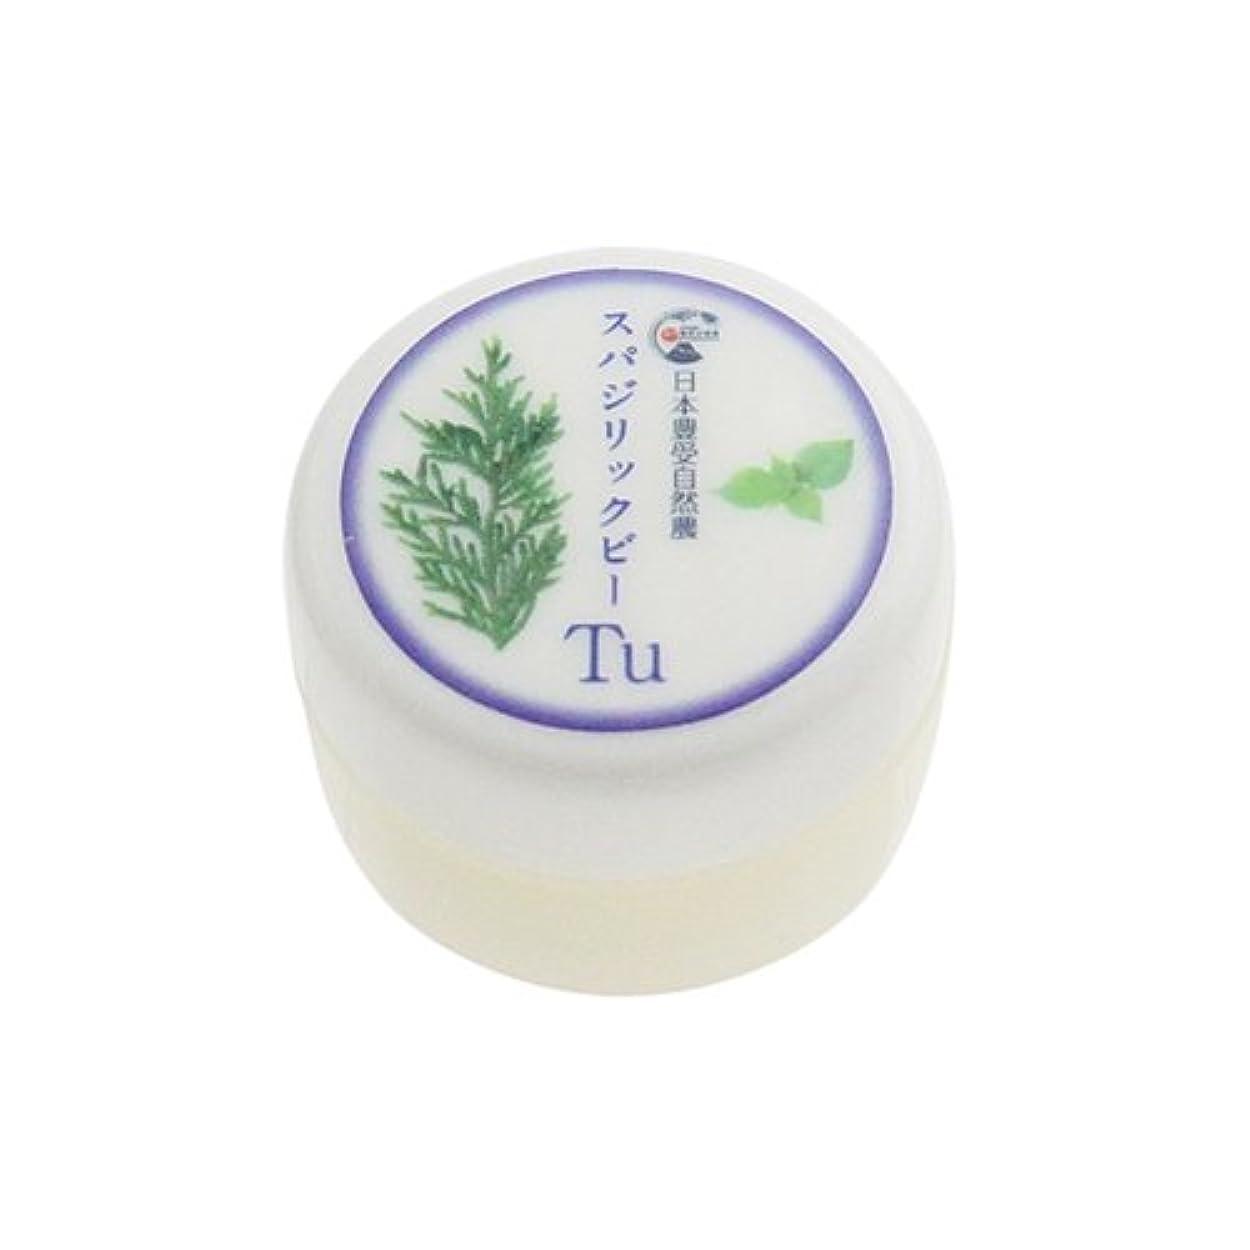 期待アンドリューハリディ薄汚い日本豊受自然農 スパジリック ビーTu(小) 10g